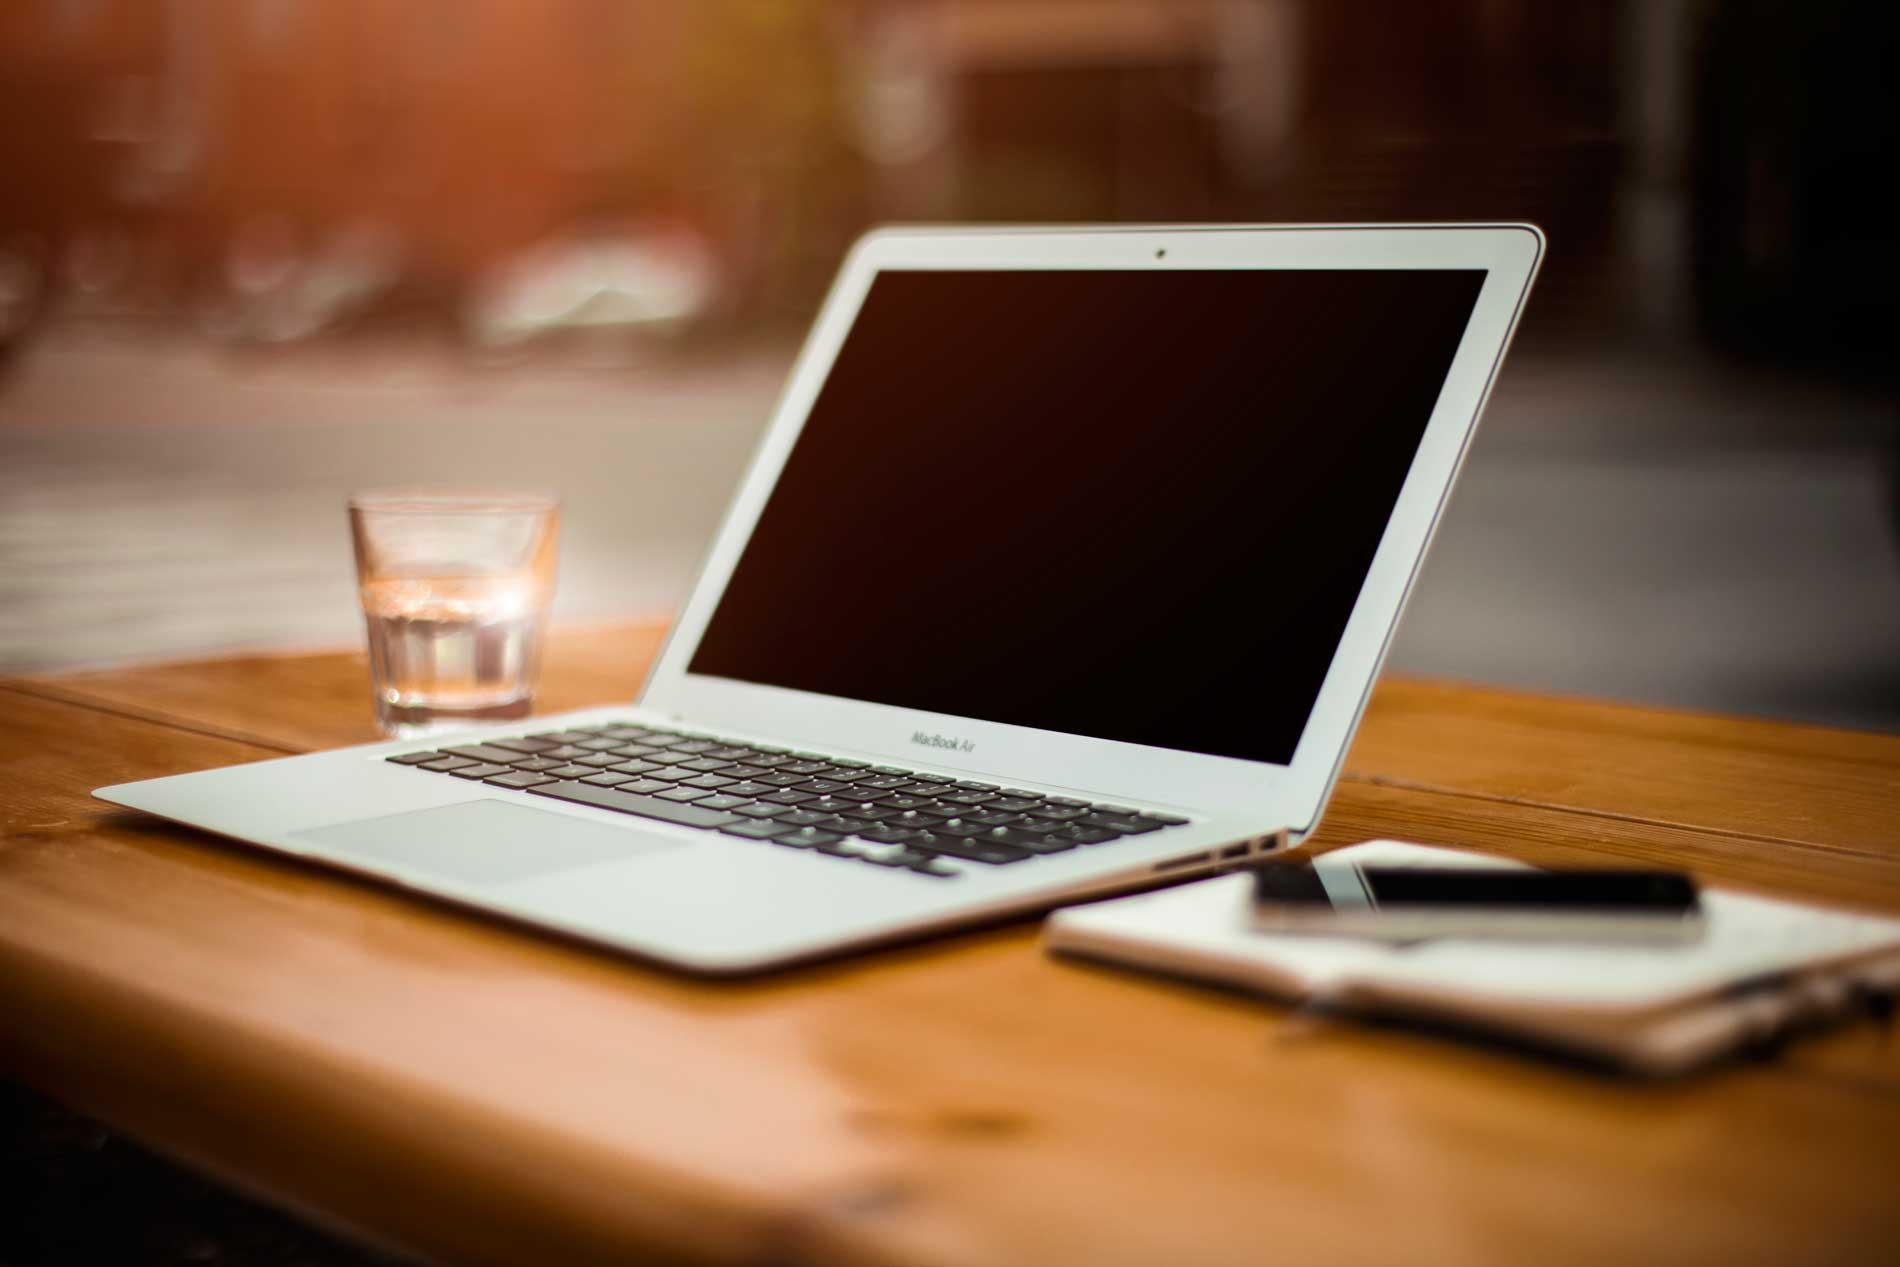 Tổng hợp 10 ứng dụng Windows và Mac miễn phí ngày 1.9 trị giá 279USD